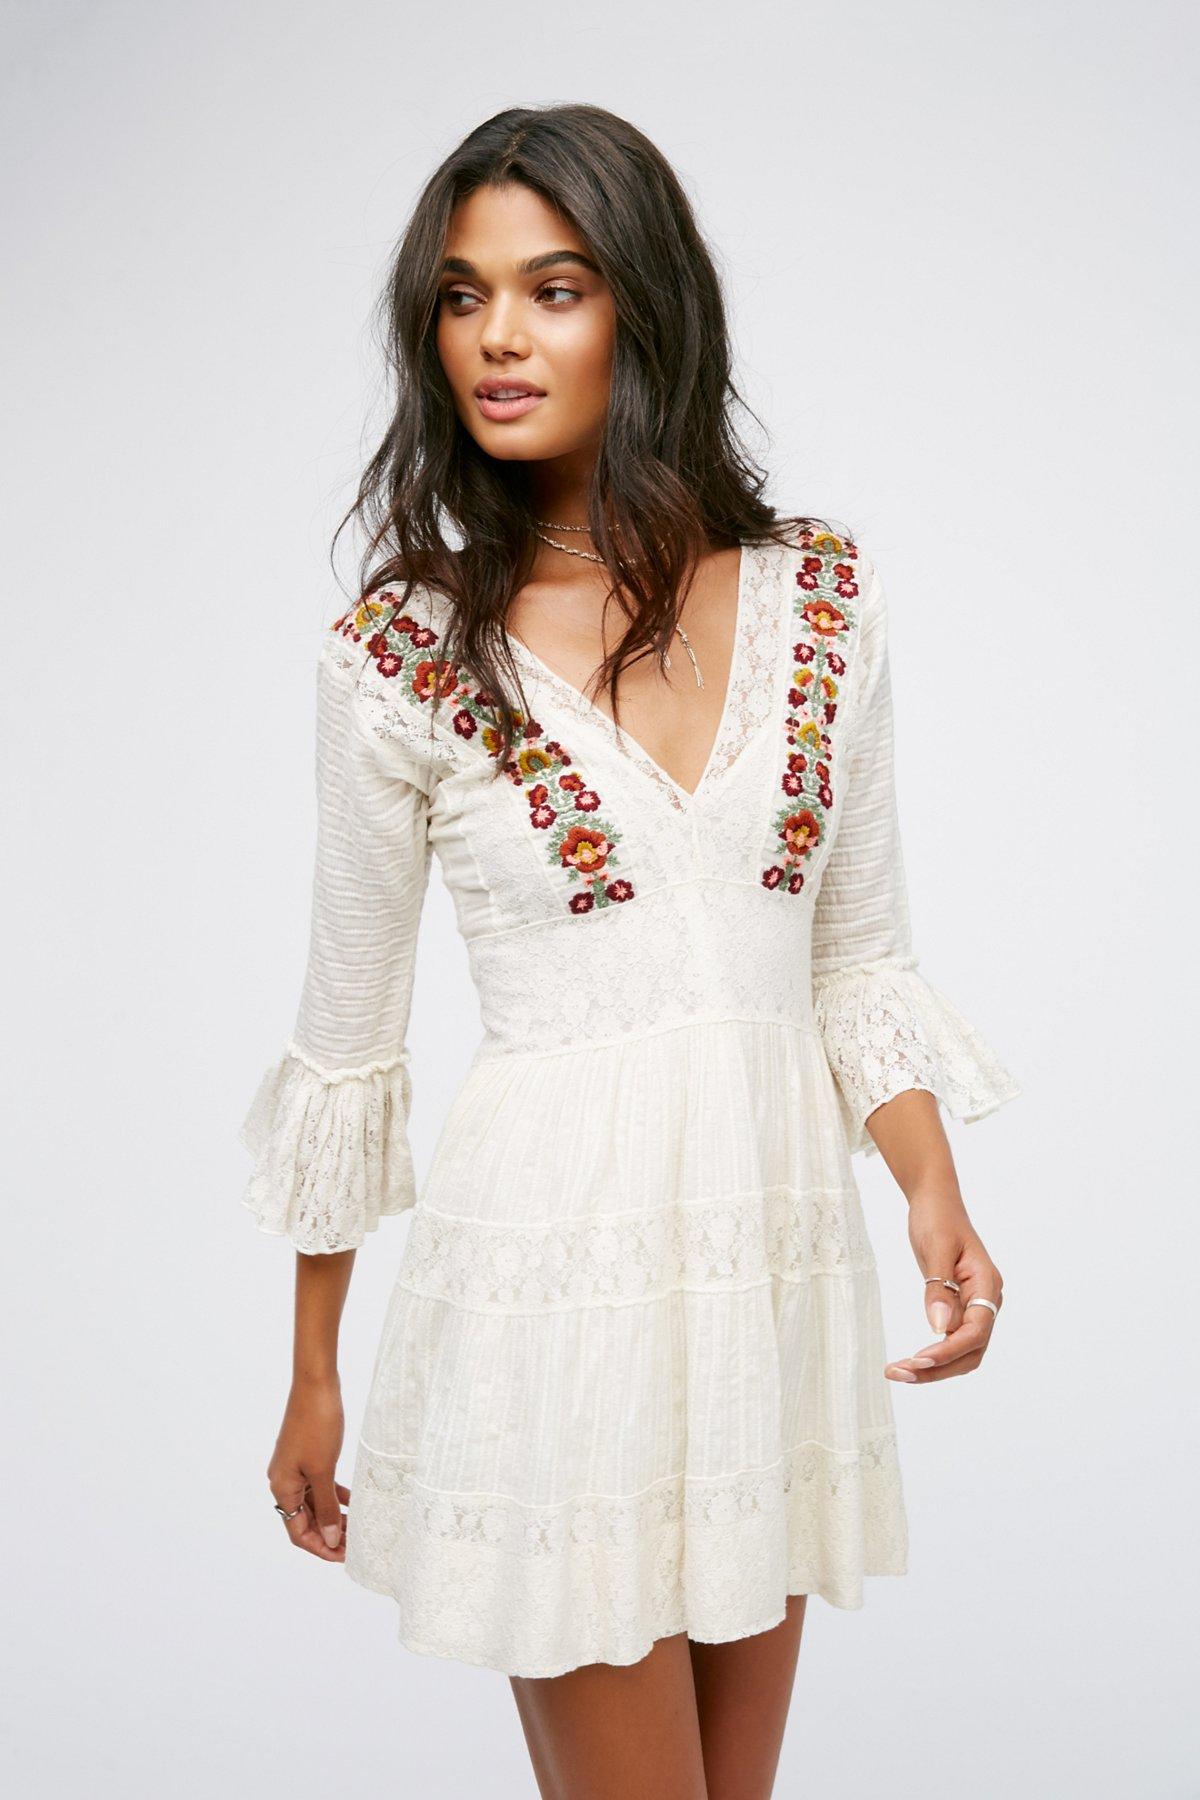 FP One Antiquity Mini Dress